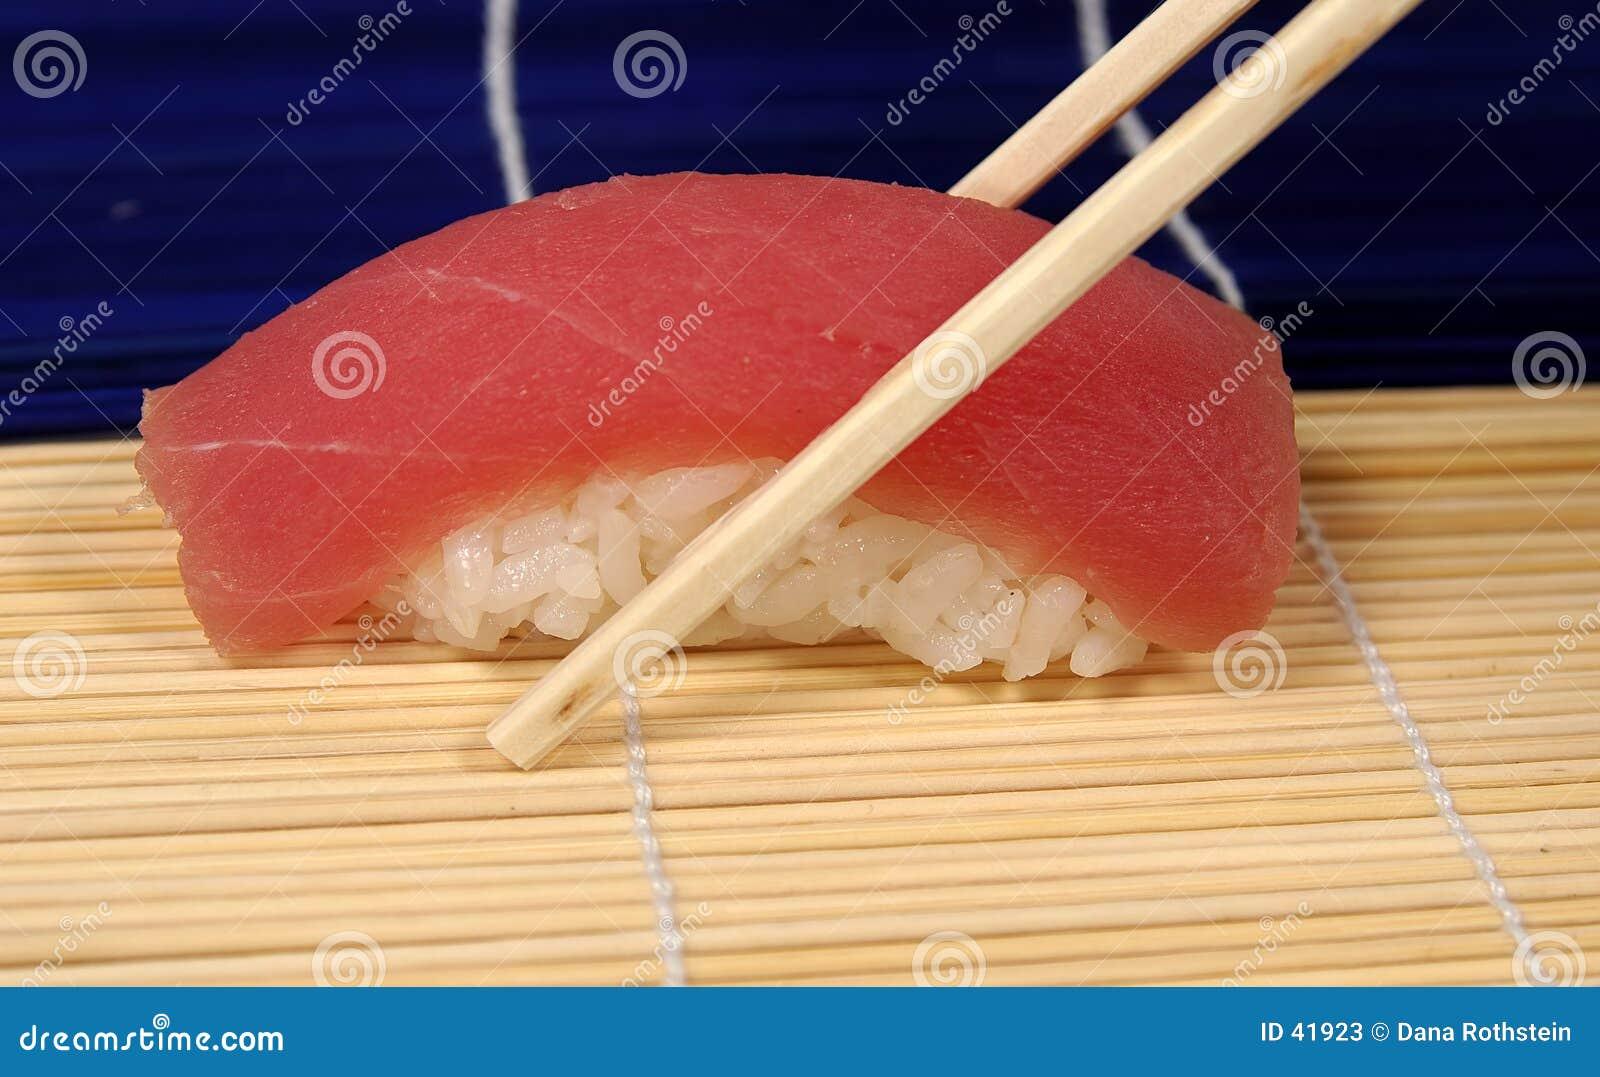 Tuńczyk sushi.